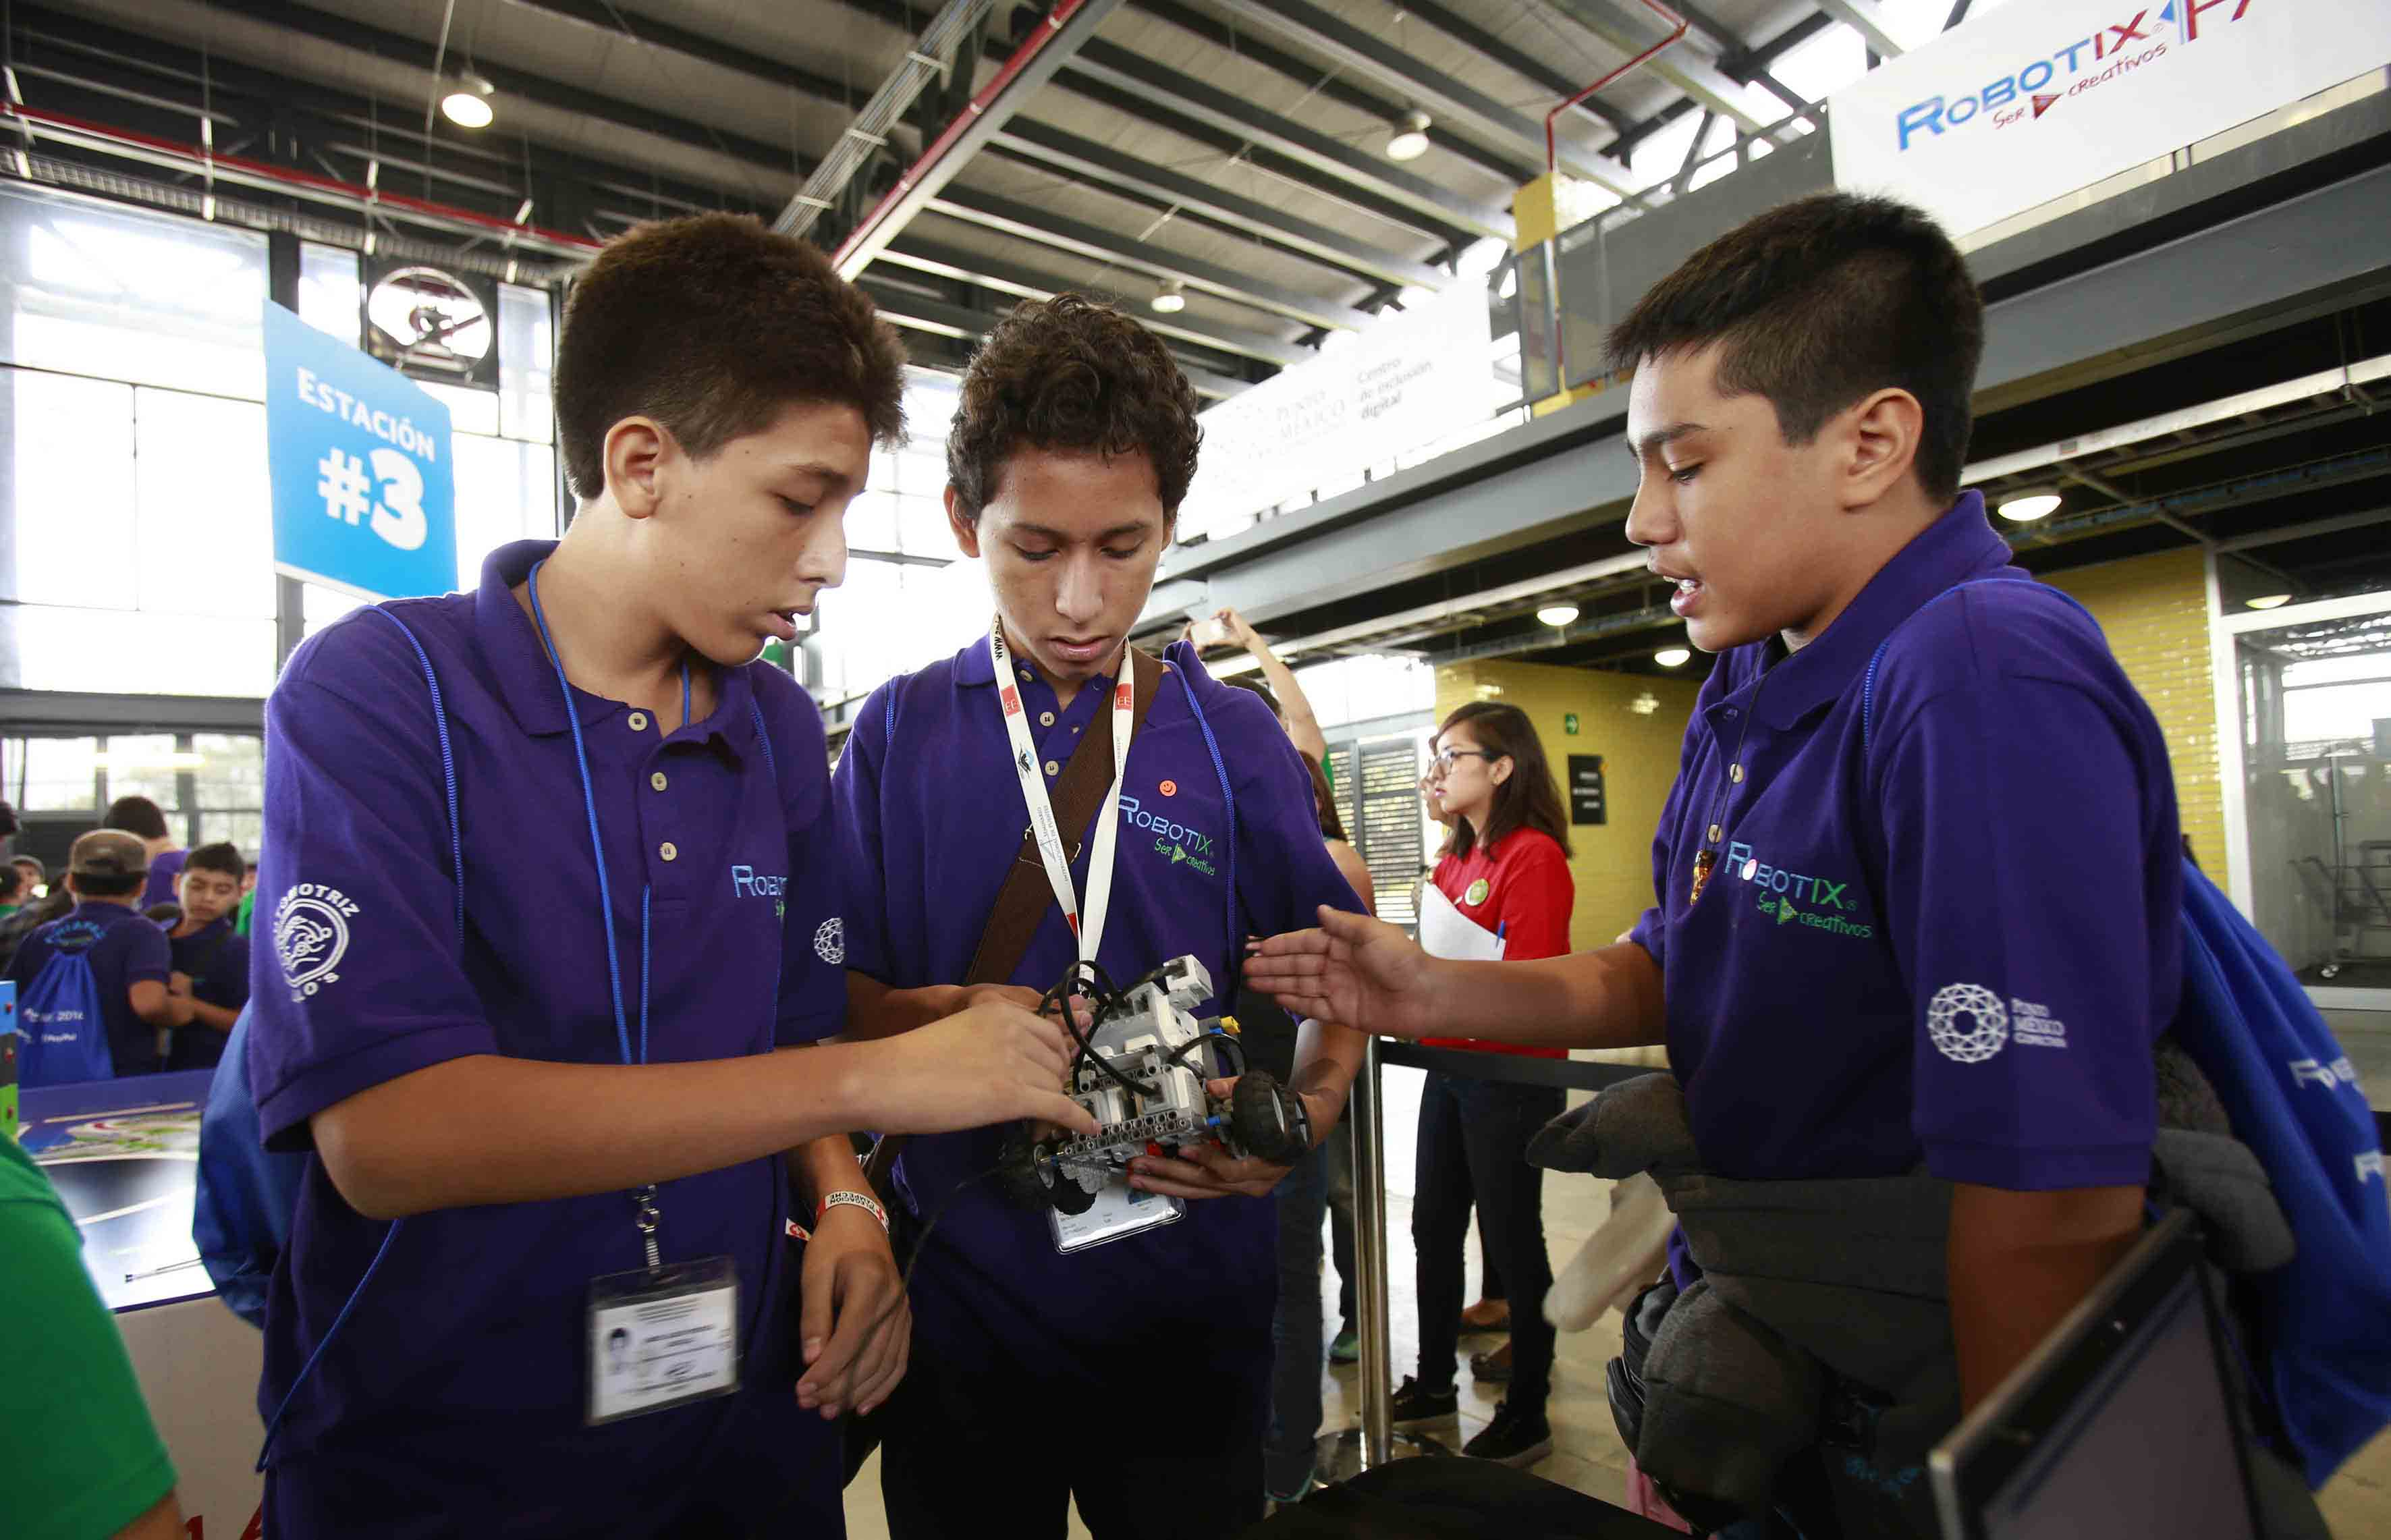 NIños participando en la Feria Nacional de Robótica 2016, celebrada este fin de semana en Ciudad de México.